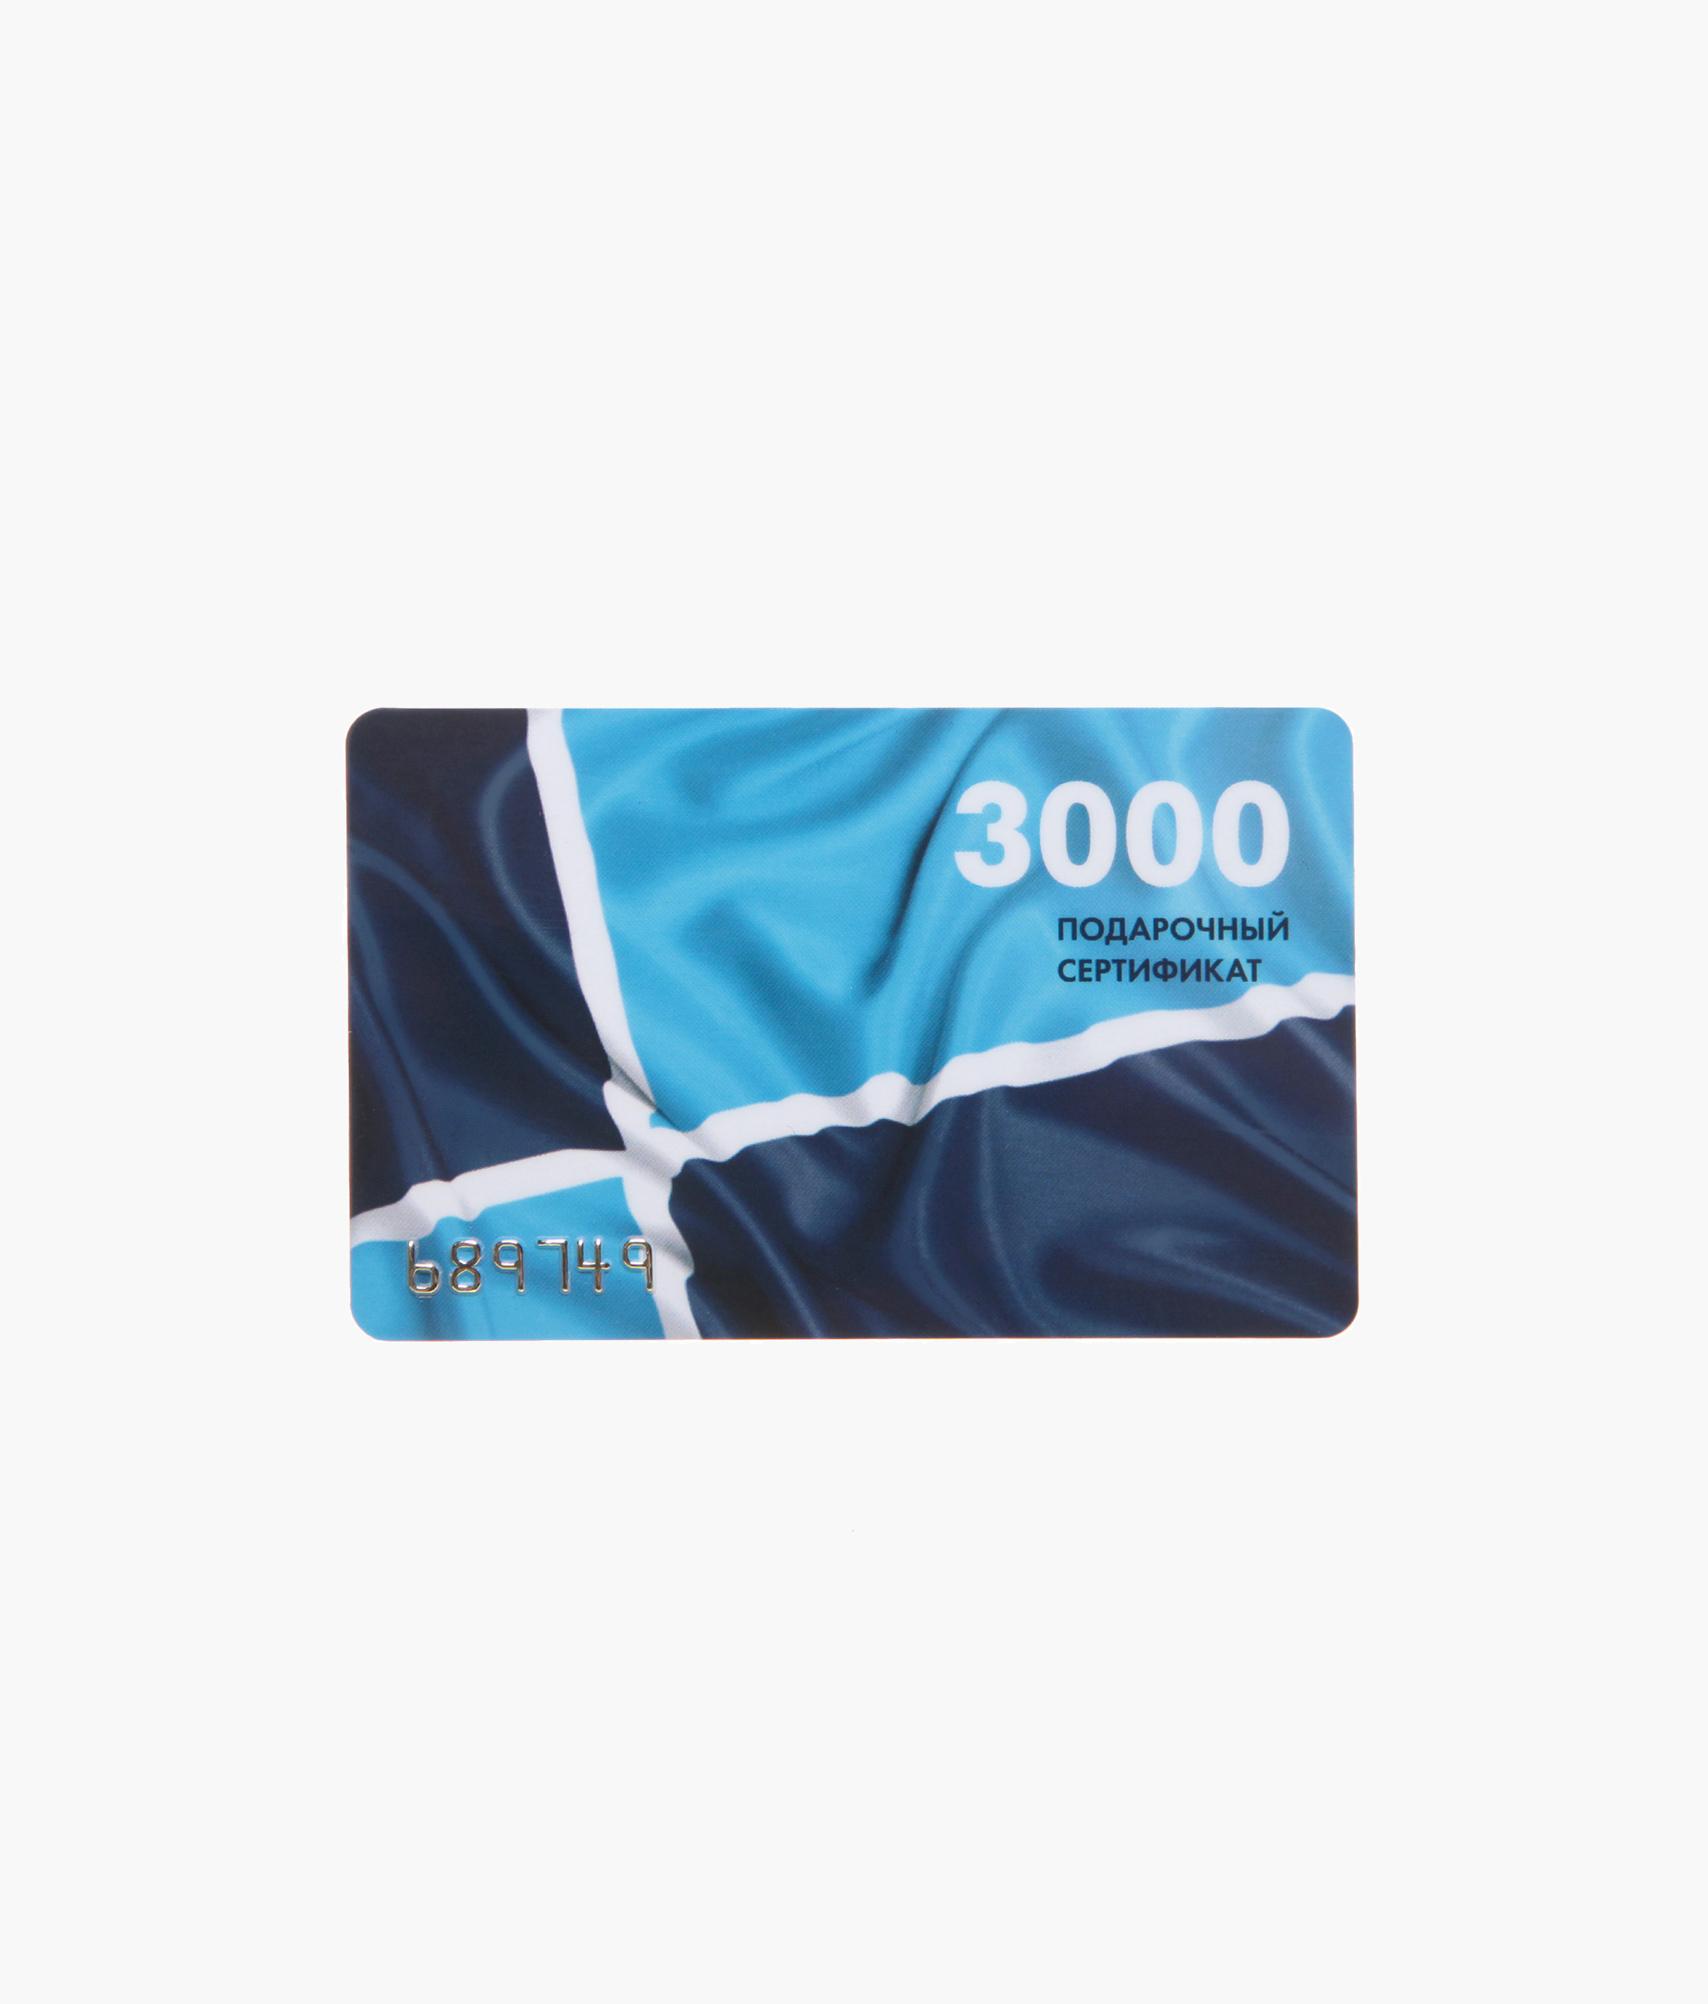 Подарочный сертификат на 3000 руб. Зенит